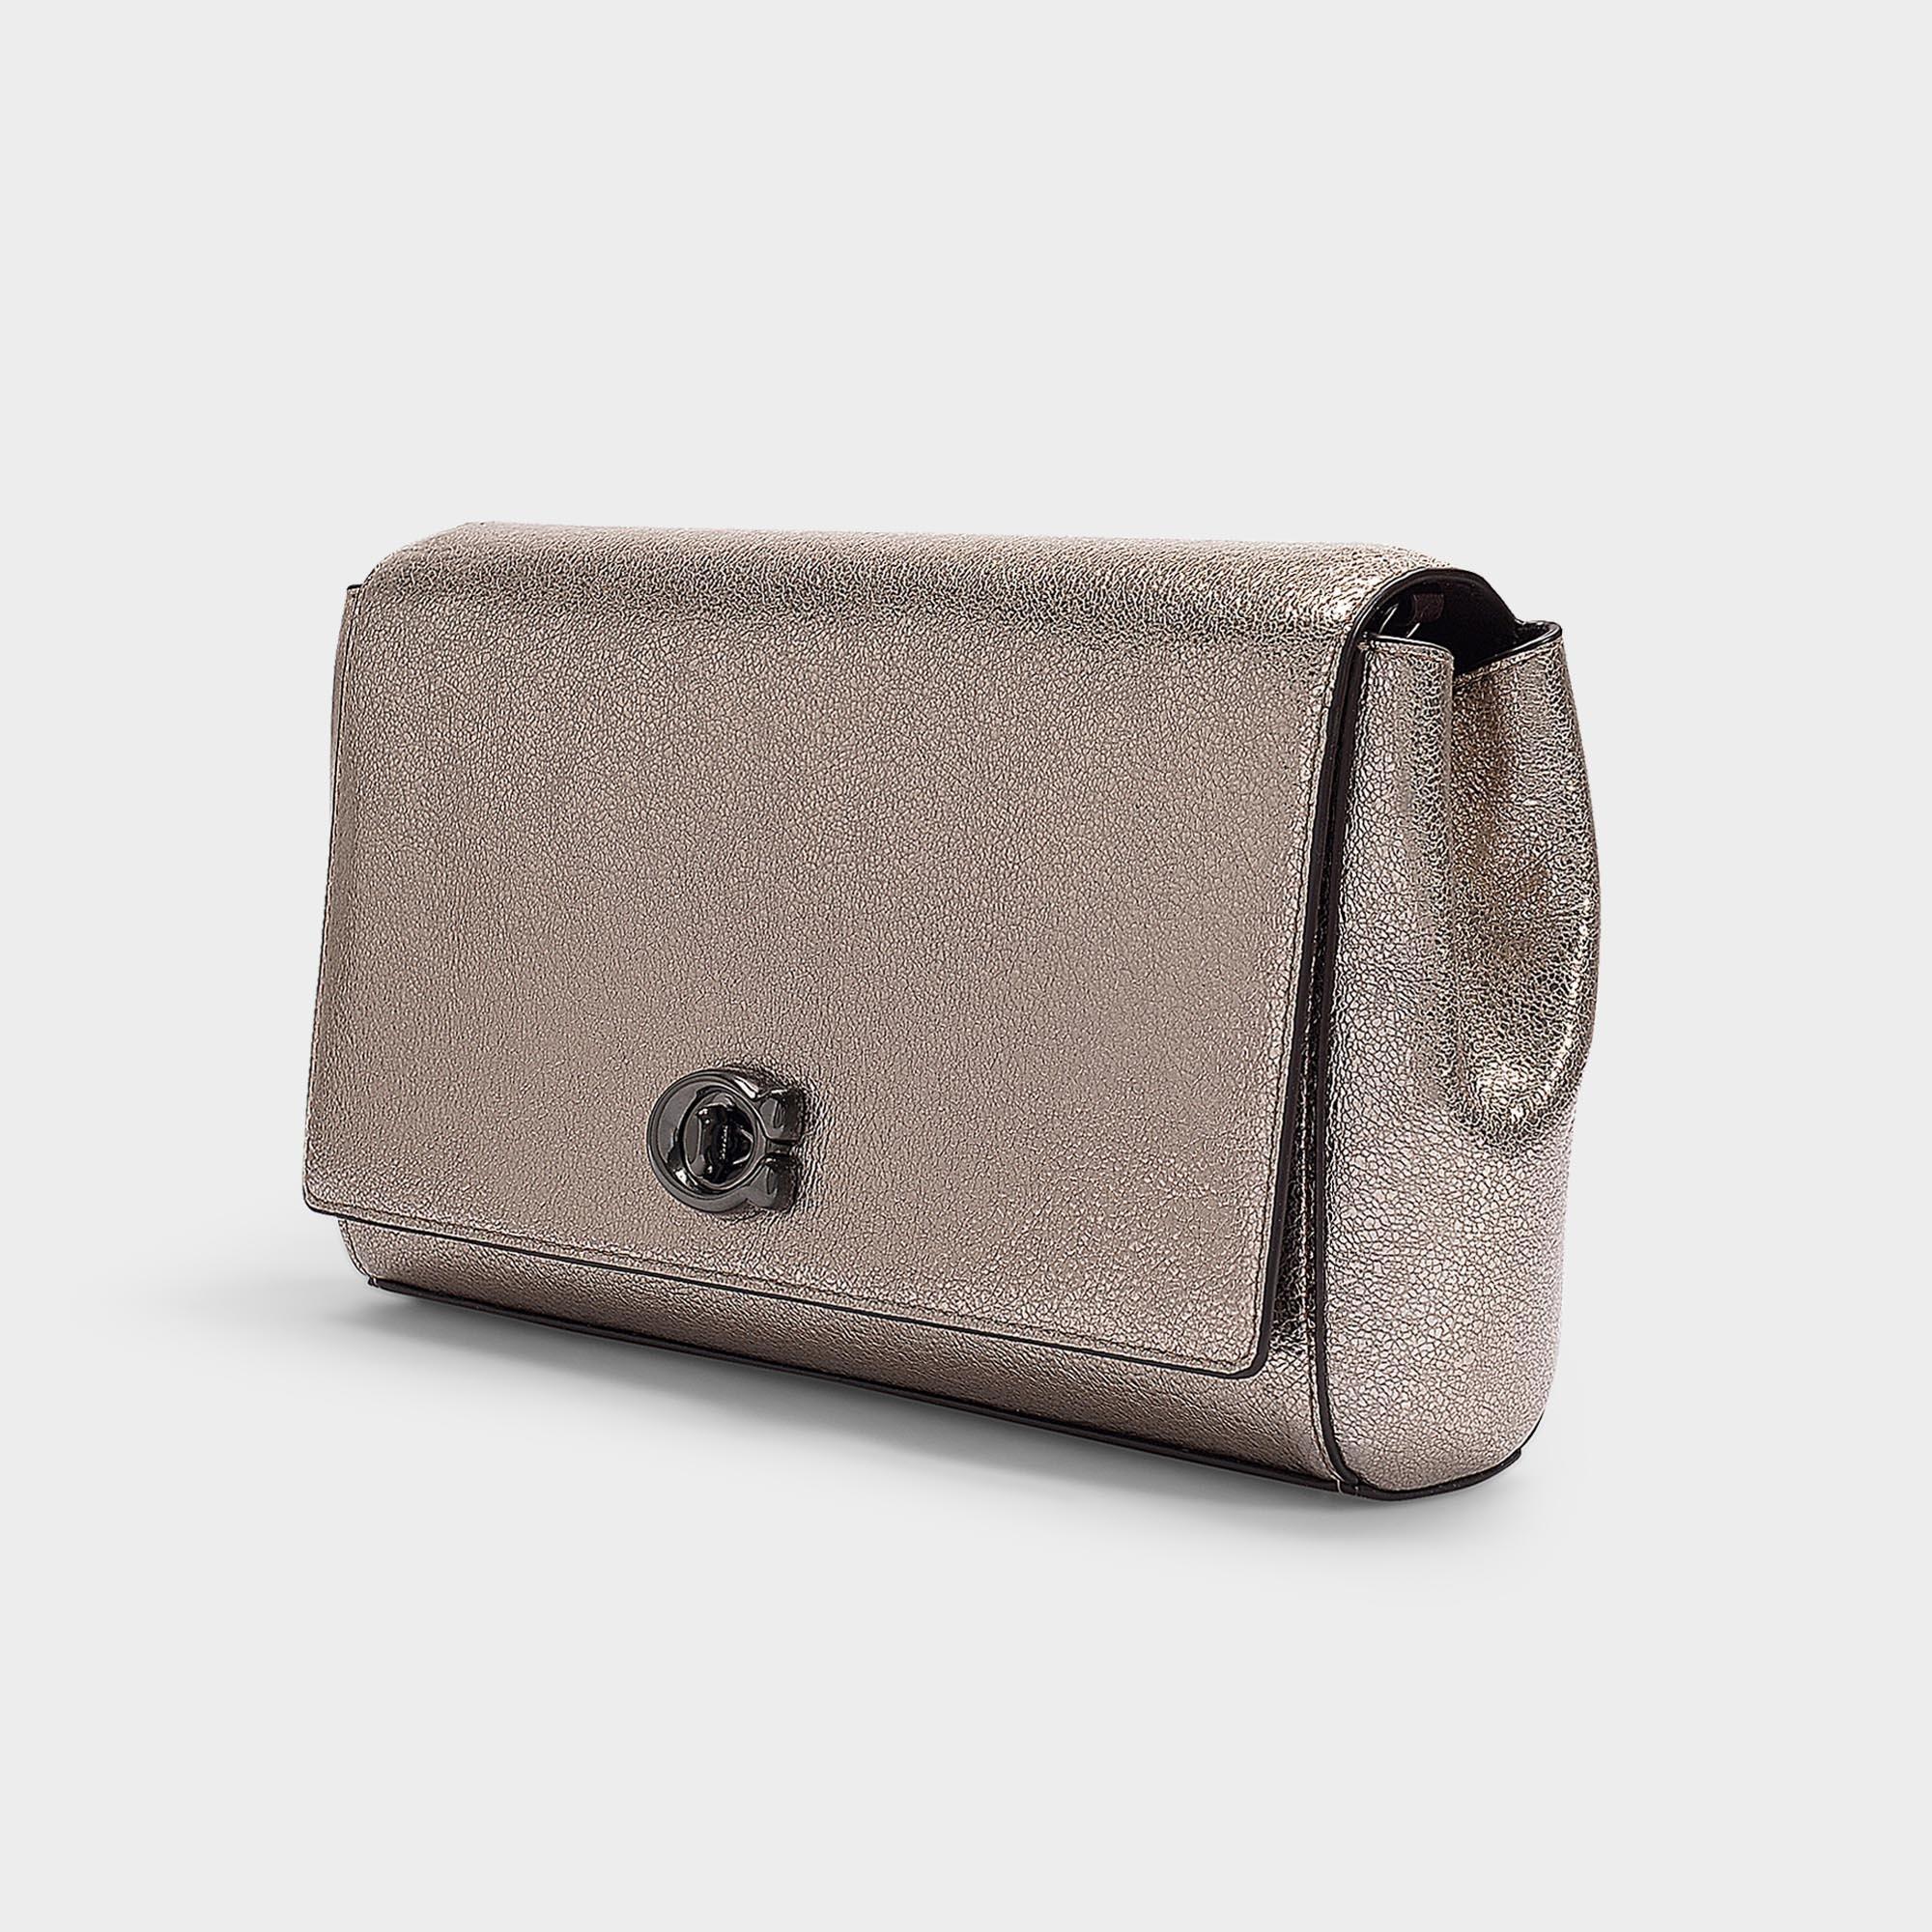 4c3d3d7854 Lyst - COACH Metallic Leather Evening Clutch In Platinum Calfskin in ...